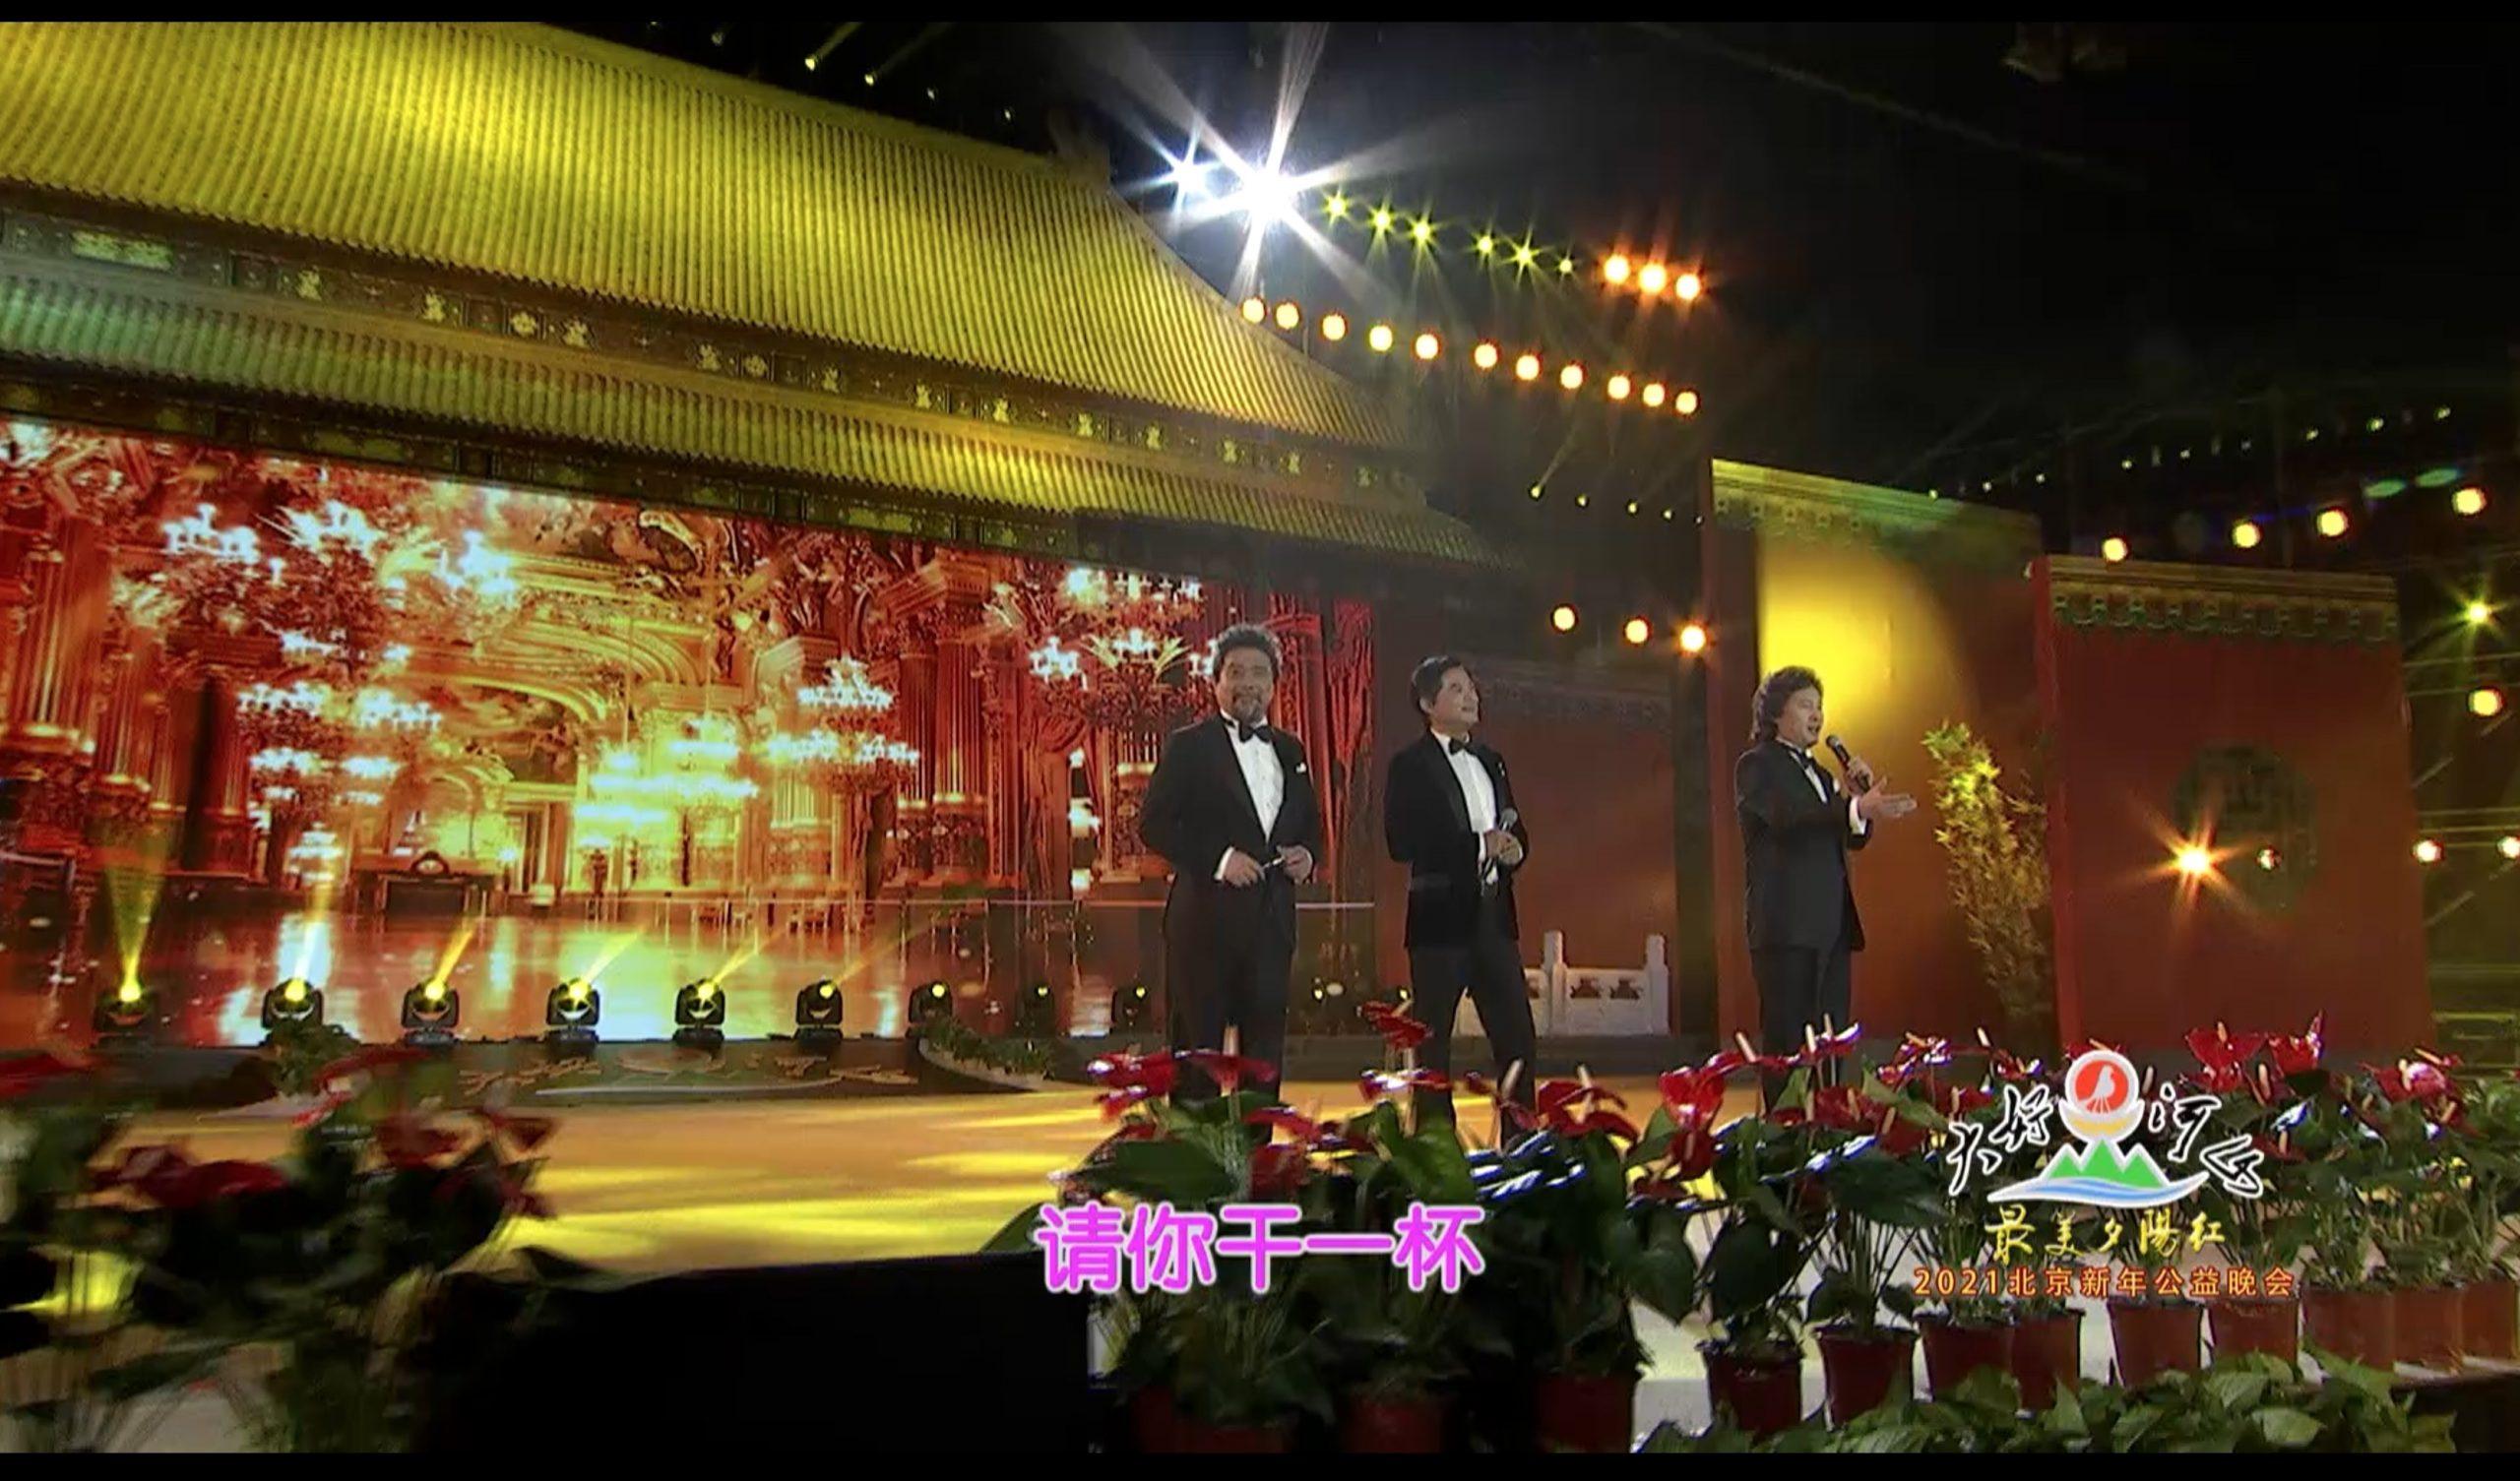 2021北京新年公益晚会 歌曲《祝酒歌》魏松 莫华伦 戴玉强